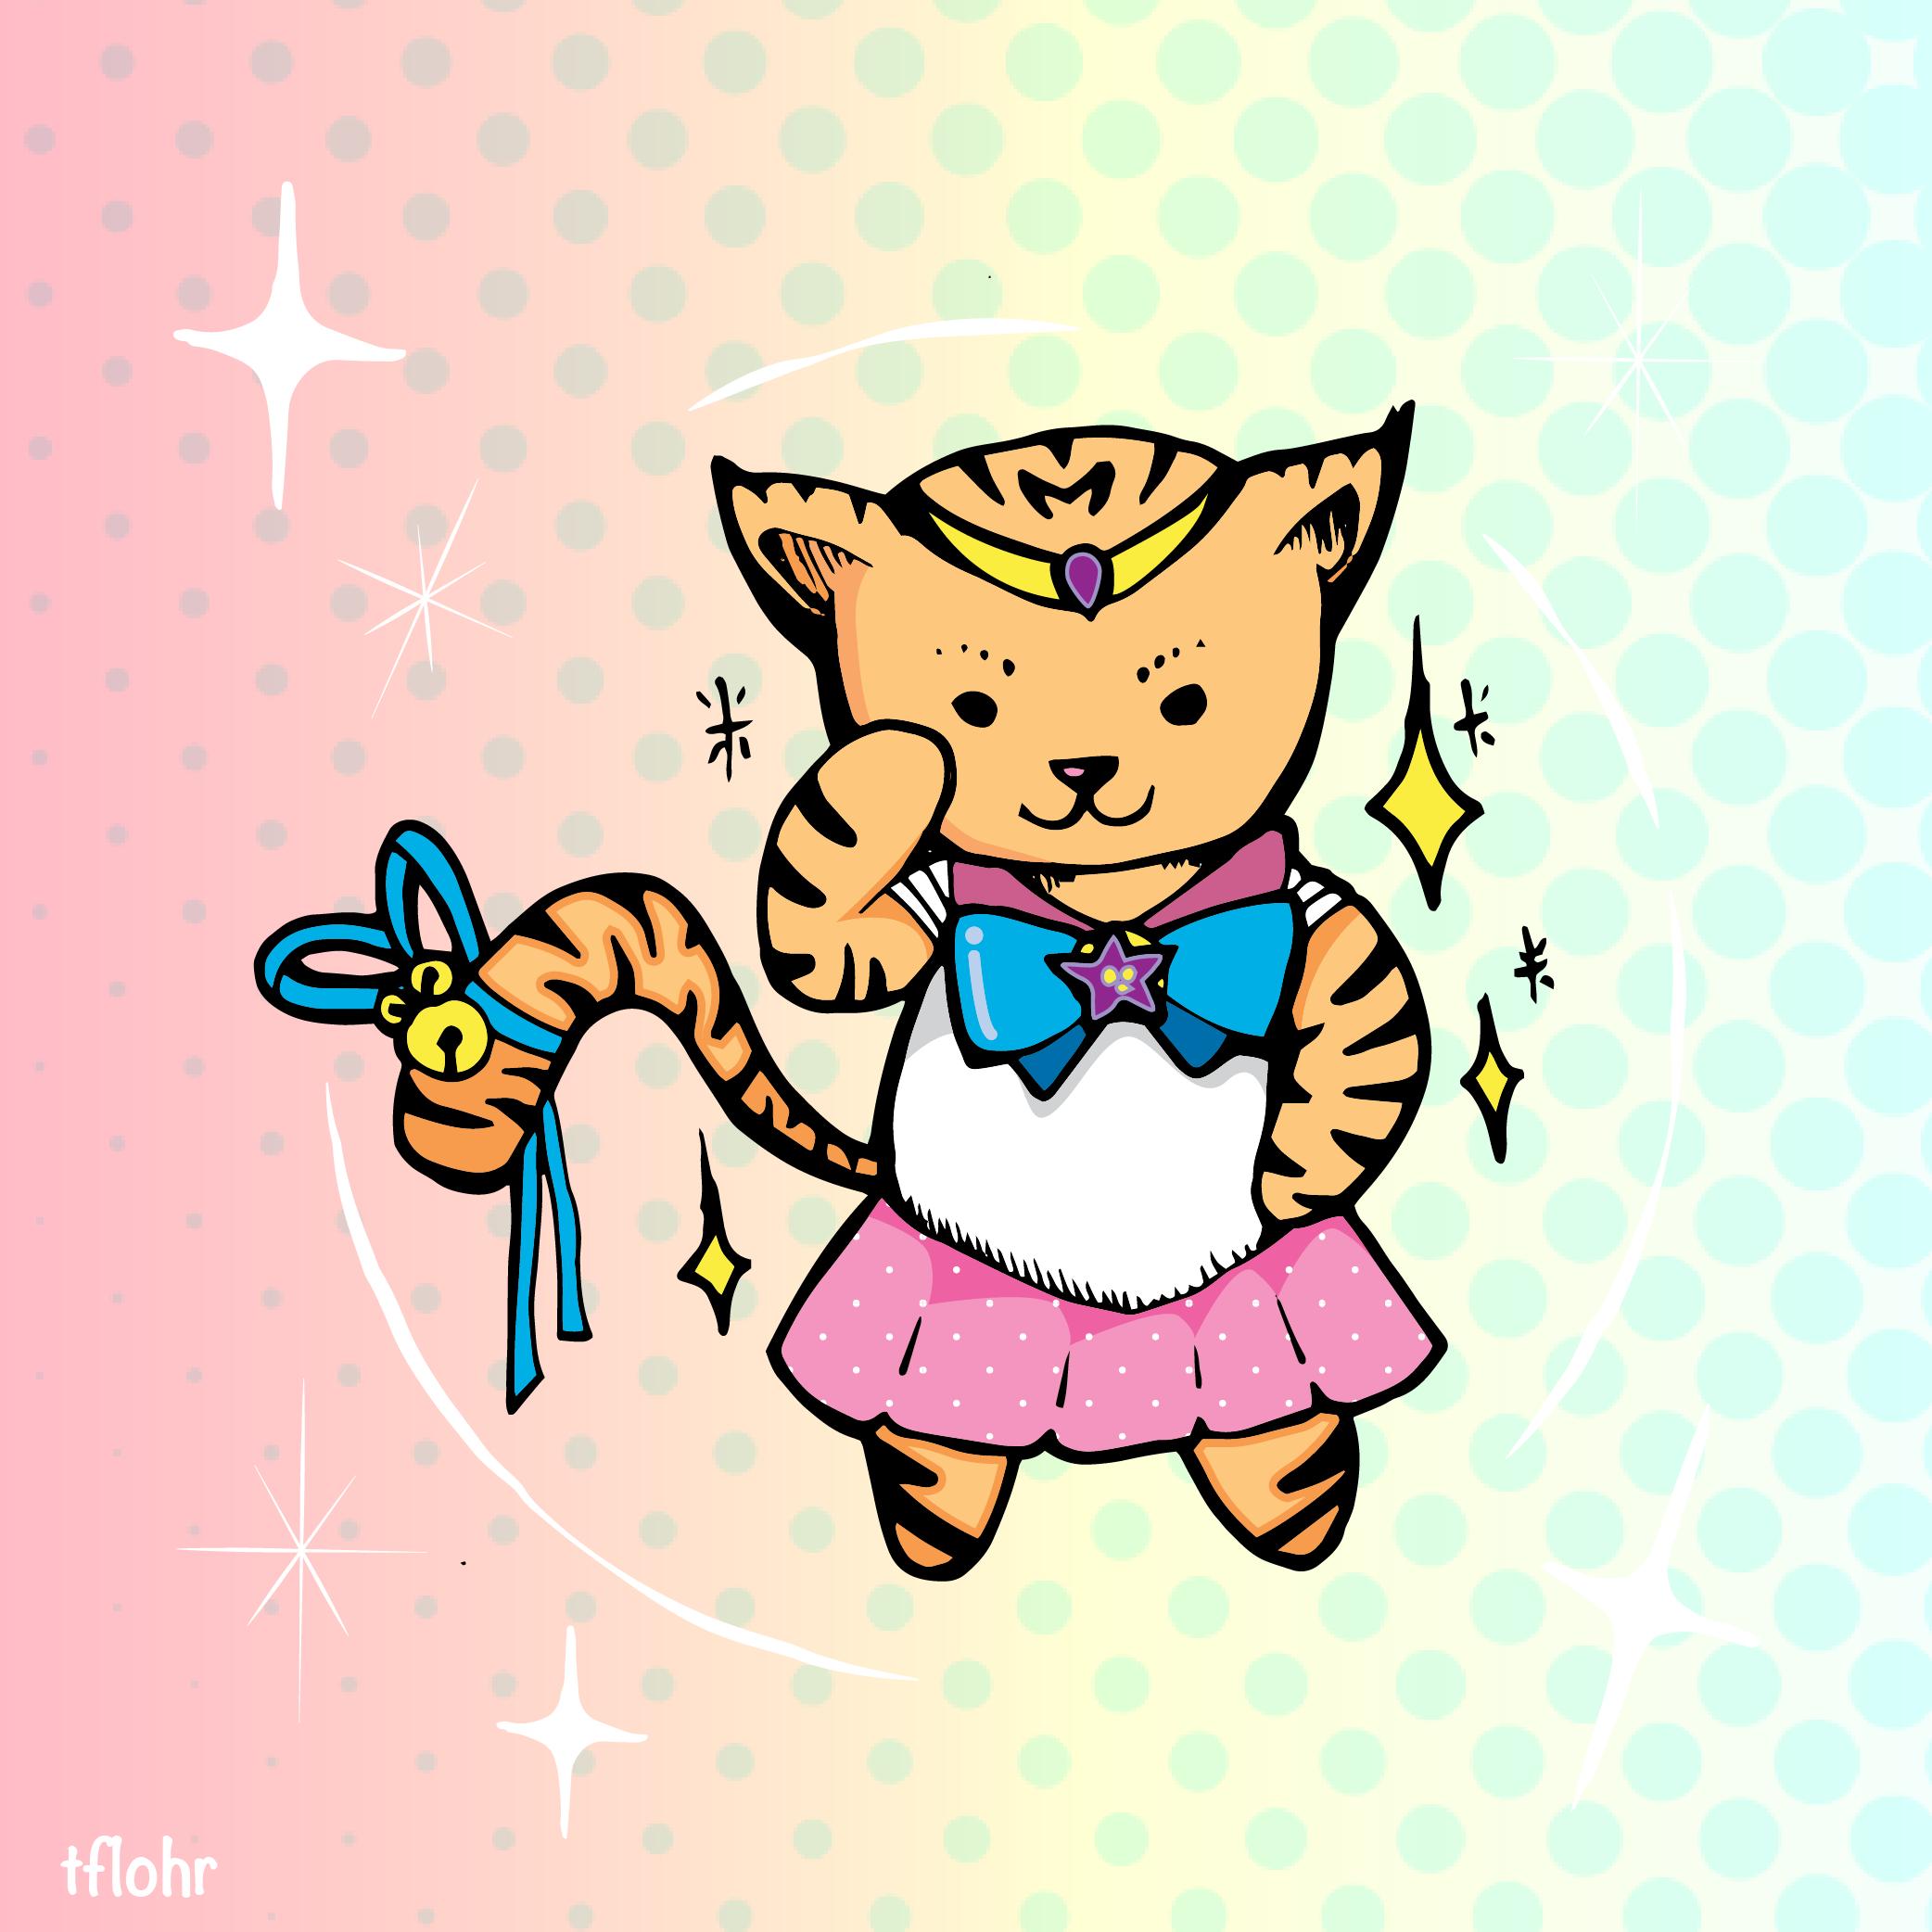 Sailor Purr